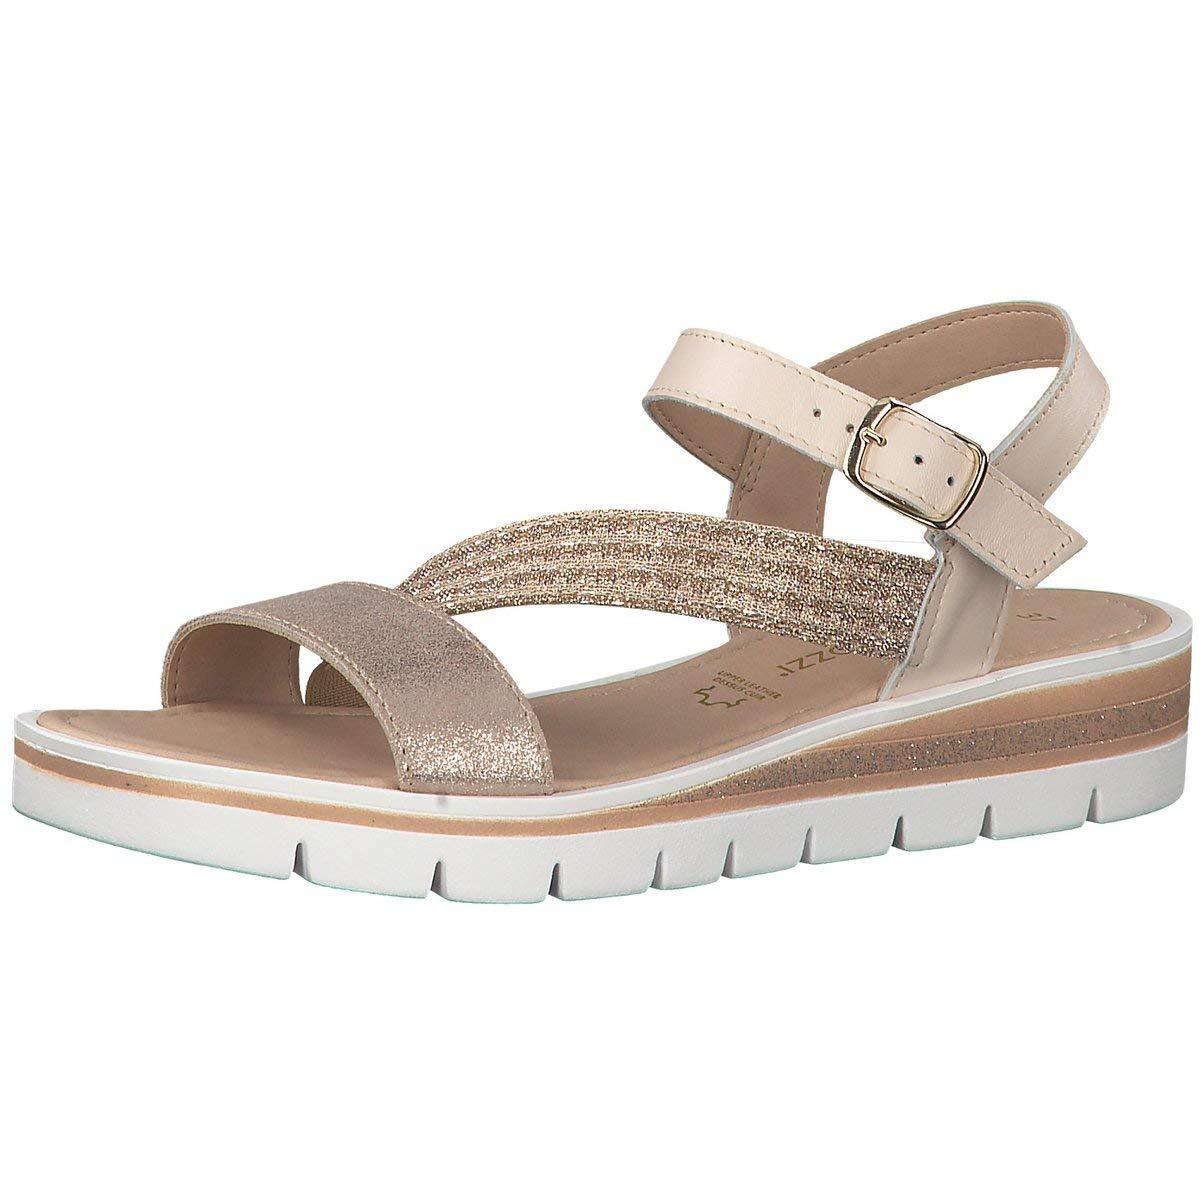 MARCO TOZZI Damen Sandaletten Sandalette 2-2-28636-22-532 Rosa Rosa Rosa 605567 e2af82